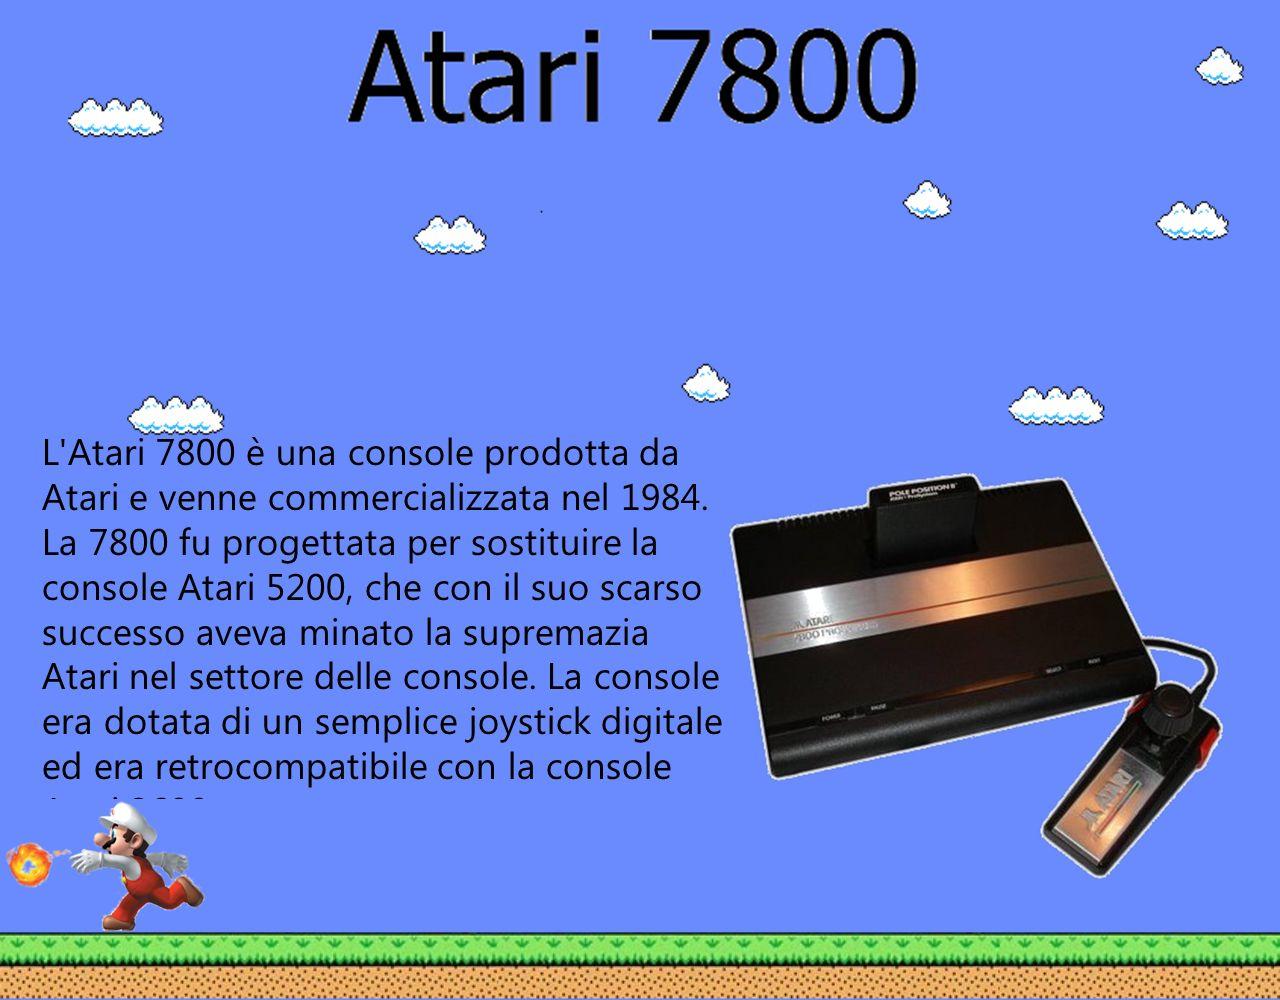 L'Atari 7800 è una console prodotta da Atari e venne commercializzata nel 1984. La 7800 fu progettata per sostituire la console Atari 5200, che con il